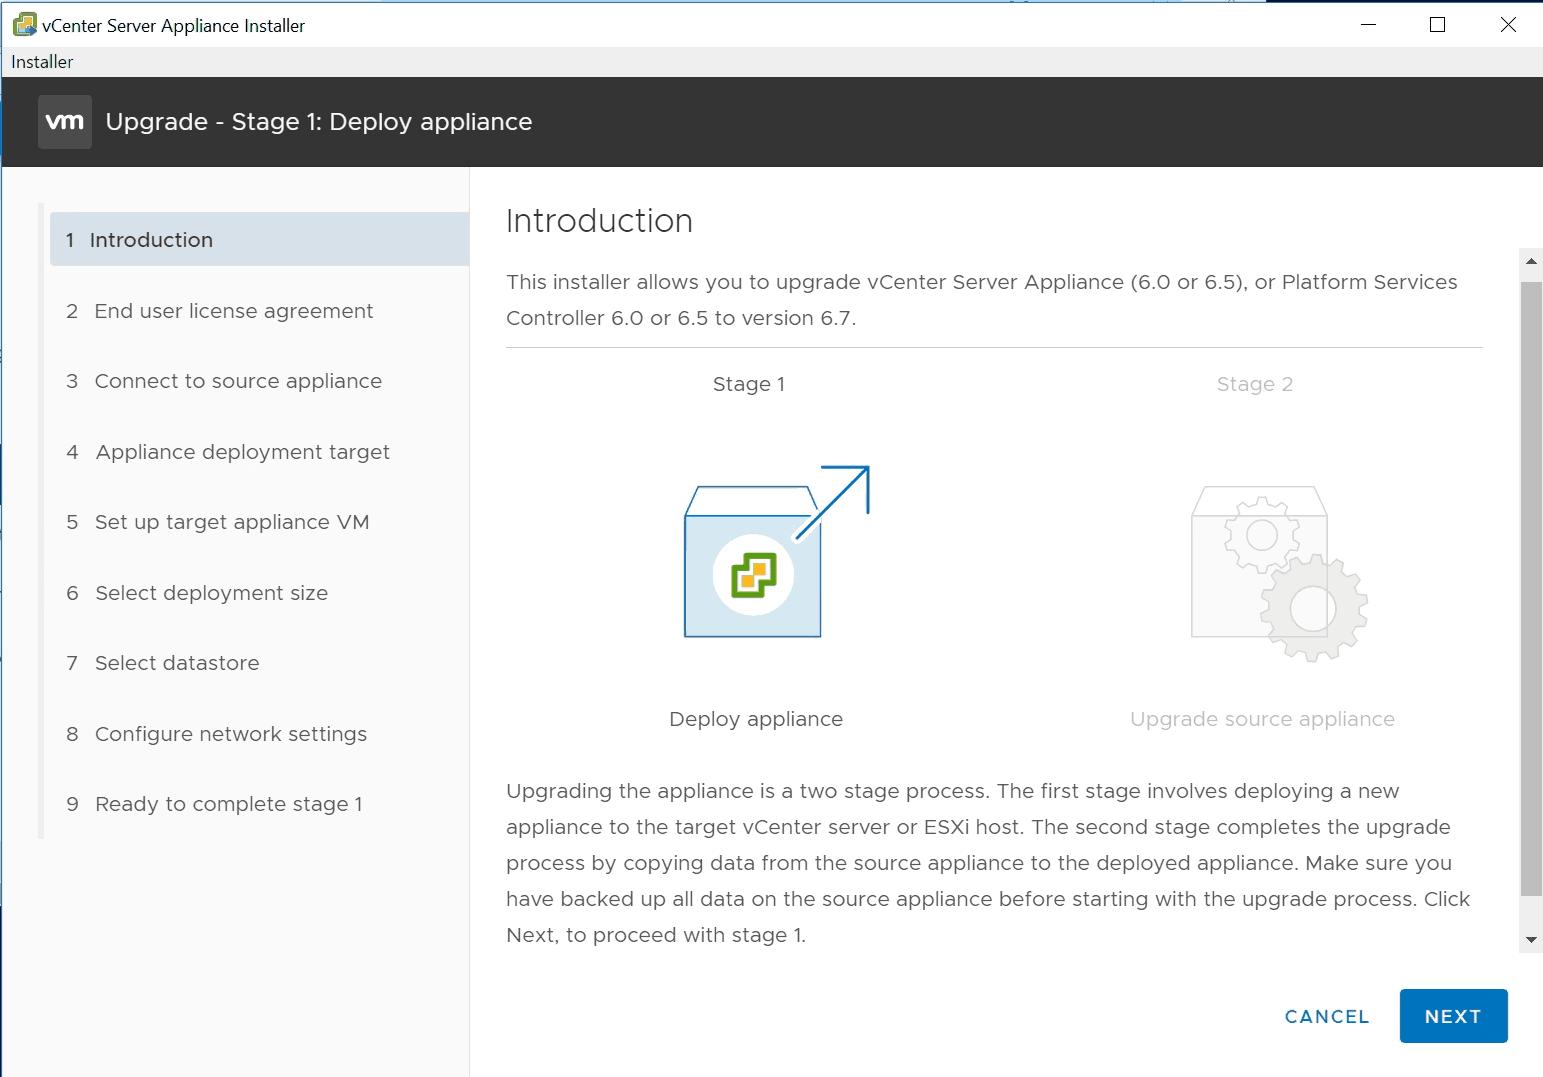 vmware vcsa installer upgrade vsphere 6.7